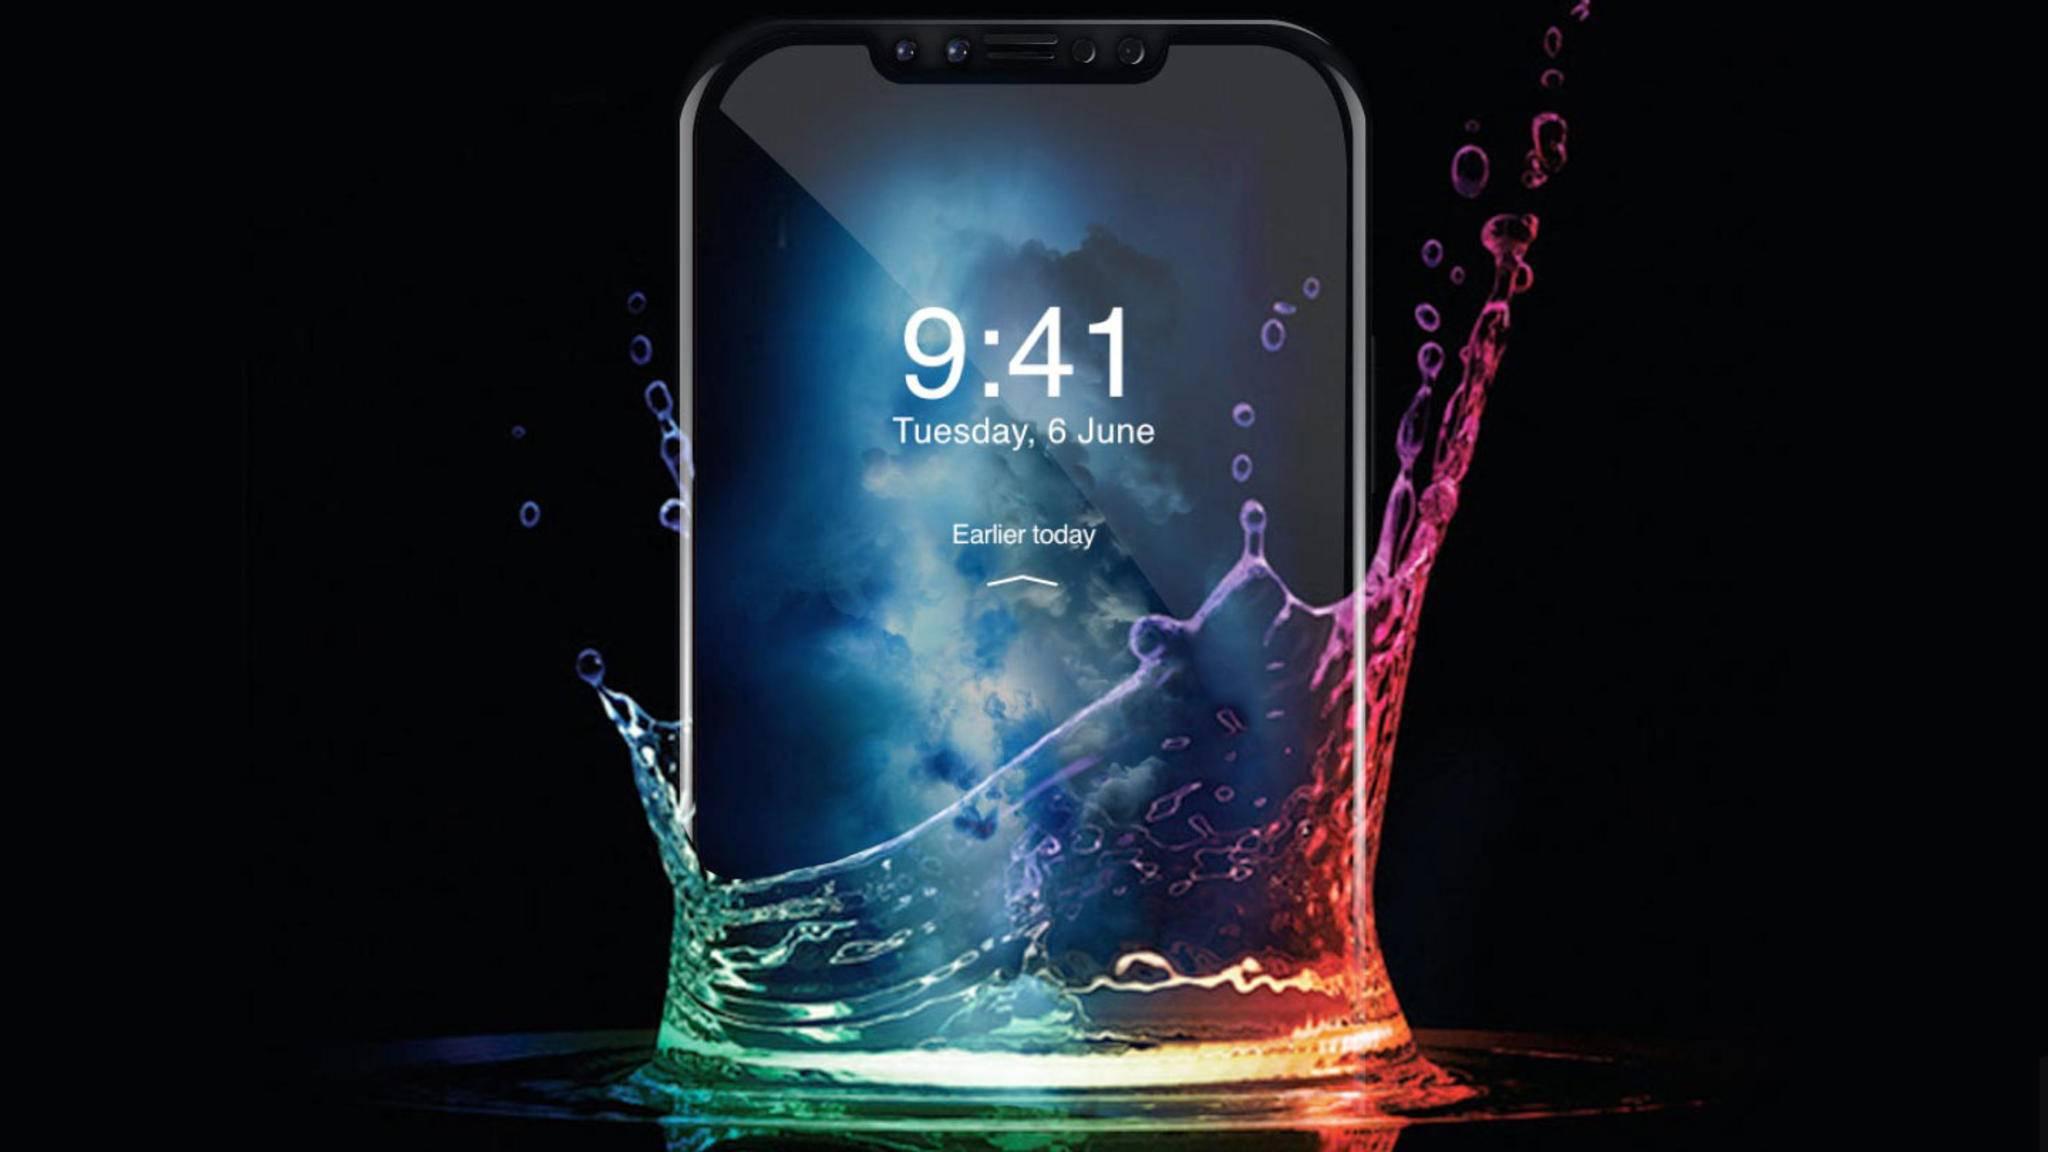 Am 12. September könnte das iPhone 8 enthüllt werden.